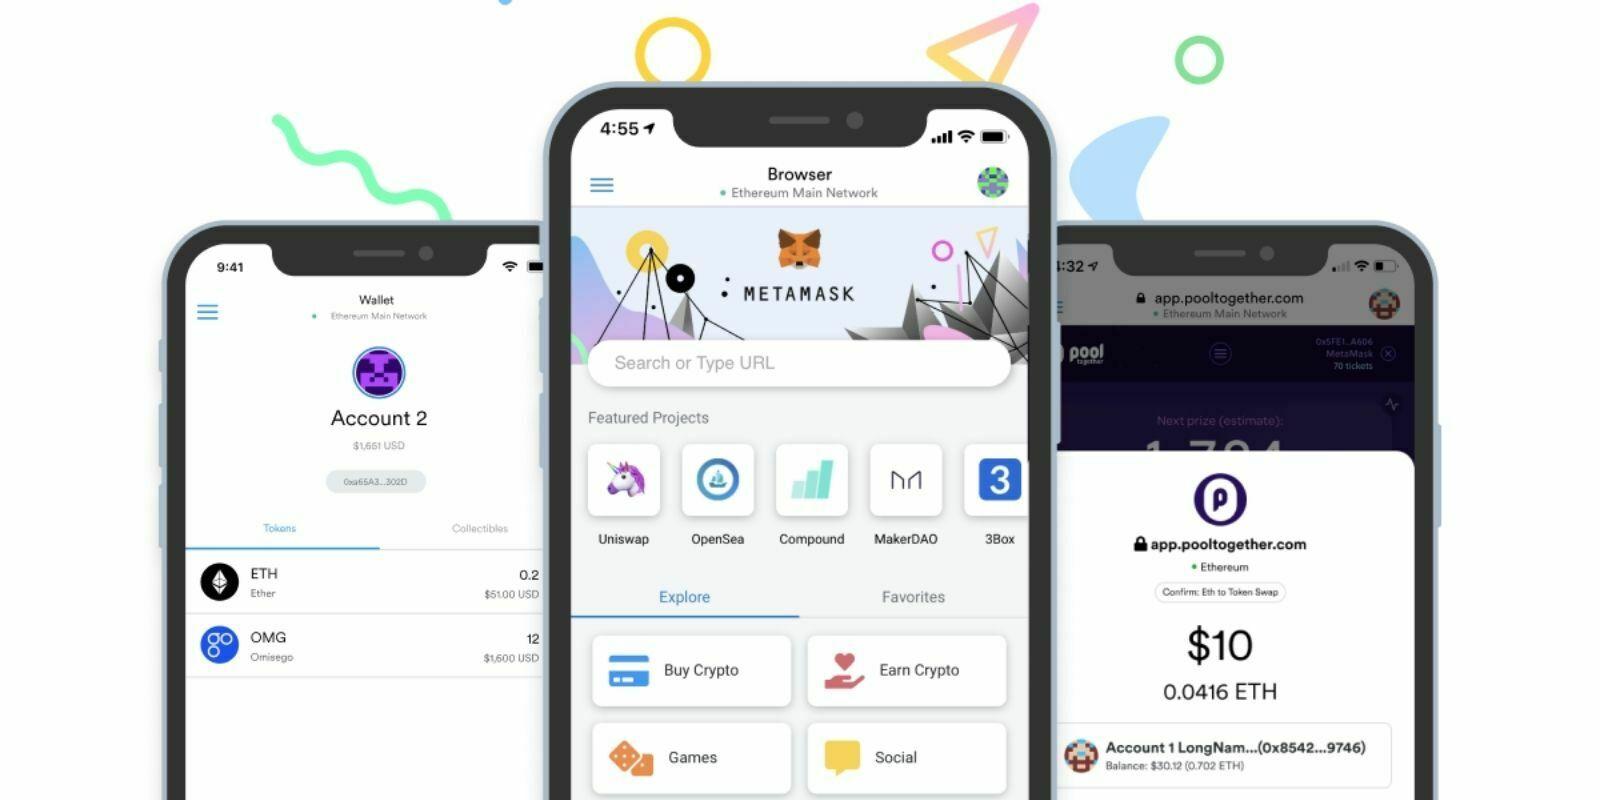 Le wallet MetaMask lance son application mobile sur iOS et Android